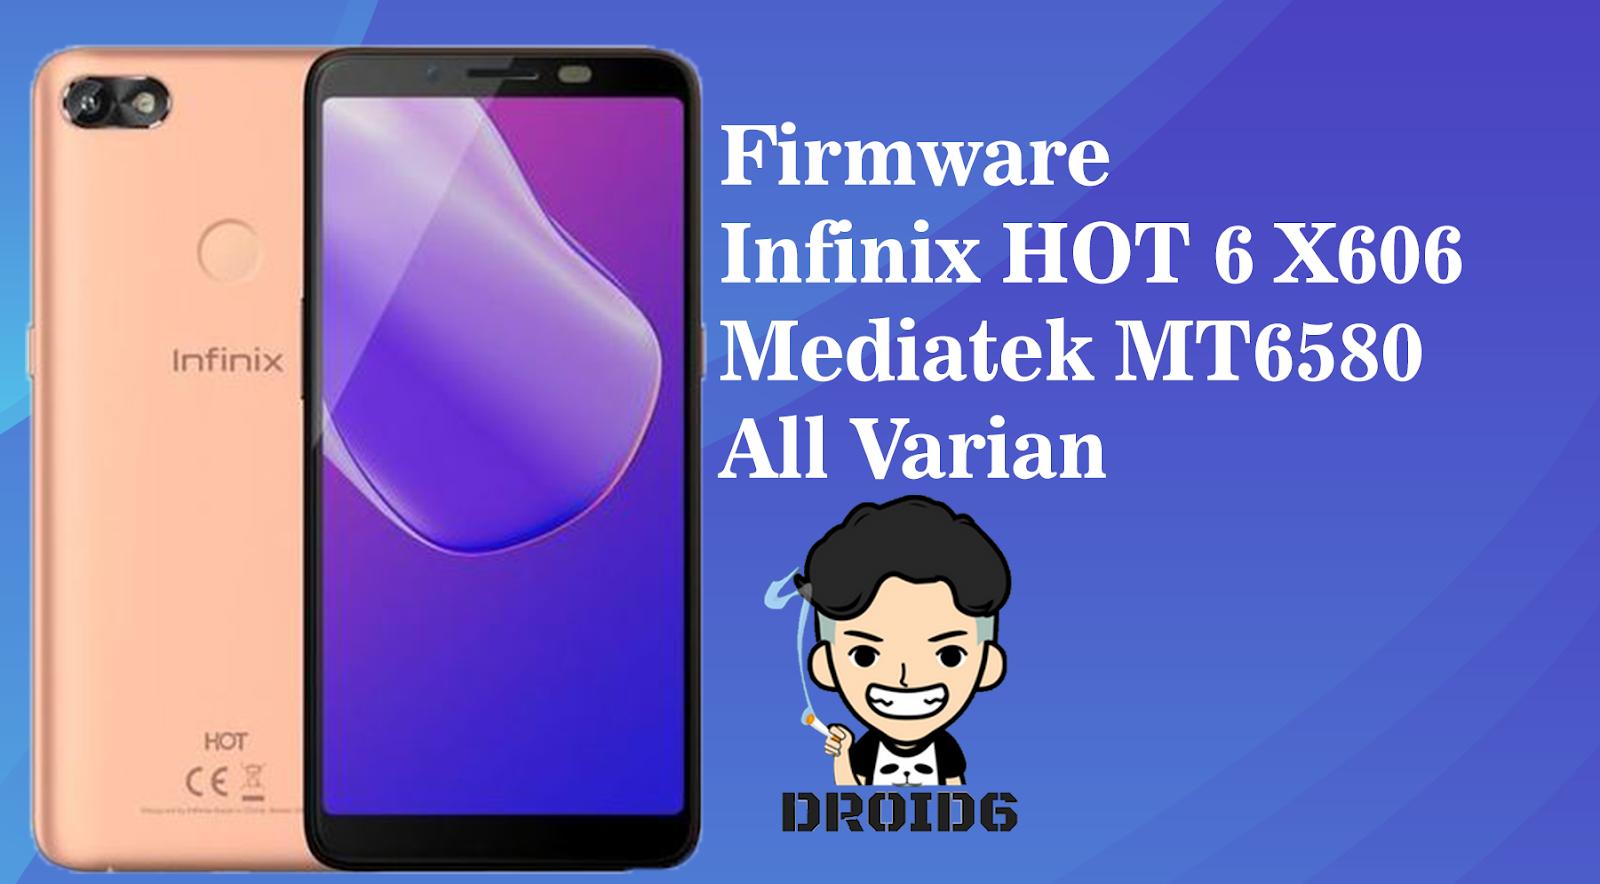 Firmware Infinix HOT6 X606 Mediatek MT6580 All Varian